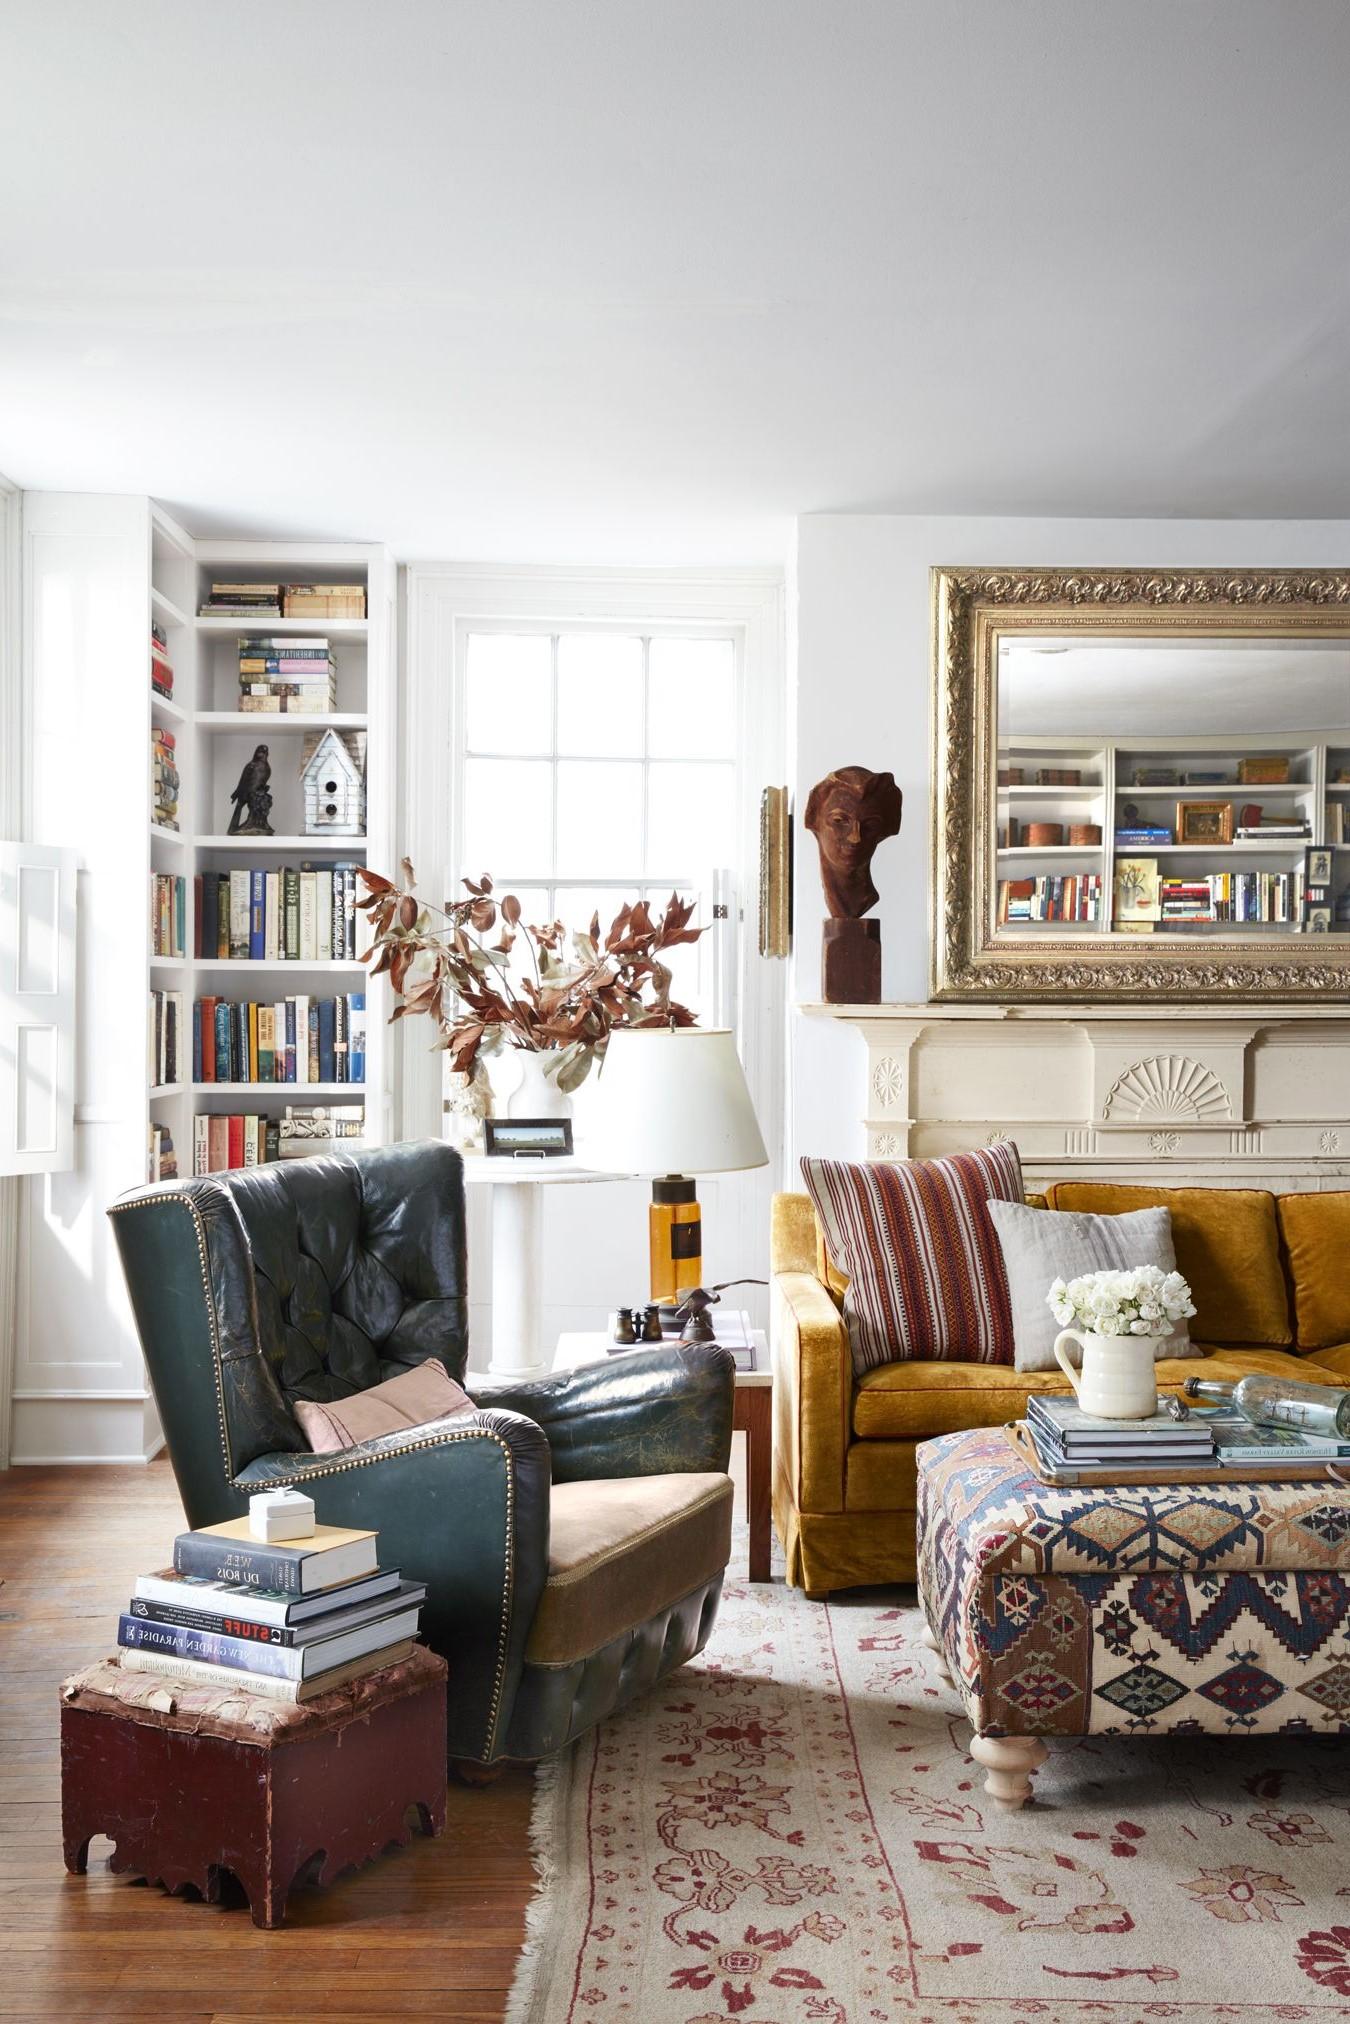 Les étagères occupent beaucoup de place sur les murs, elles sont donc faciles à ajouter à un salon où les meubles sont éloignés des murs.